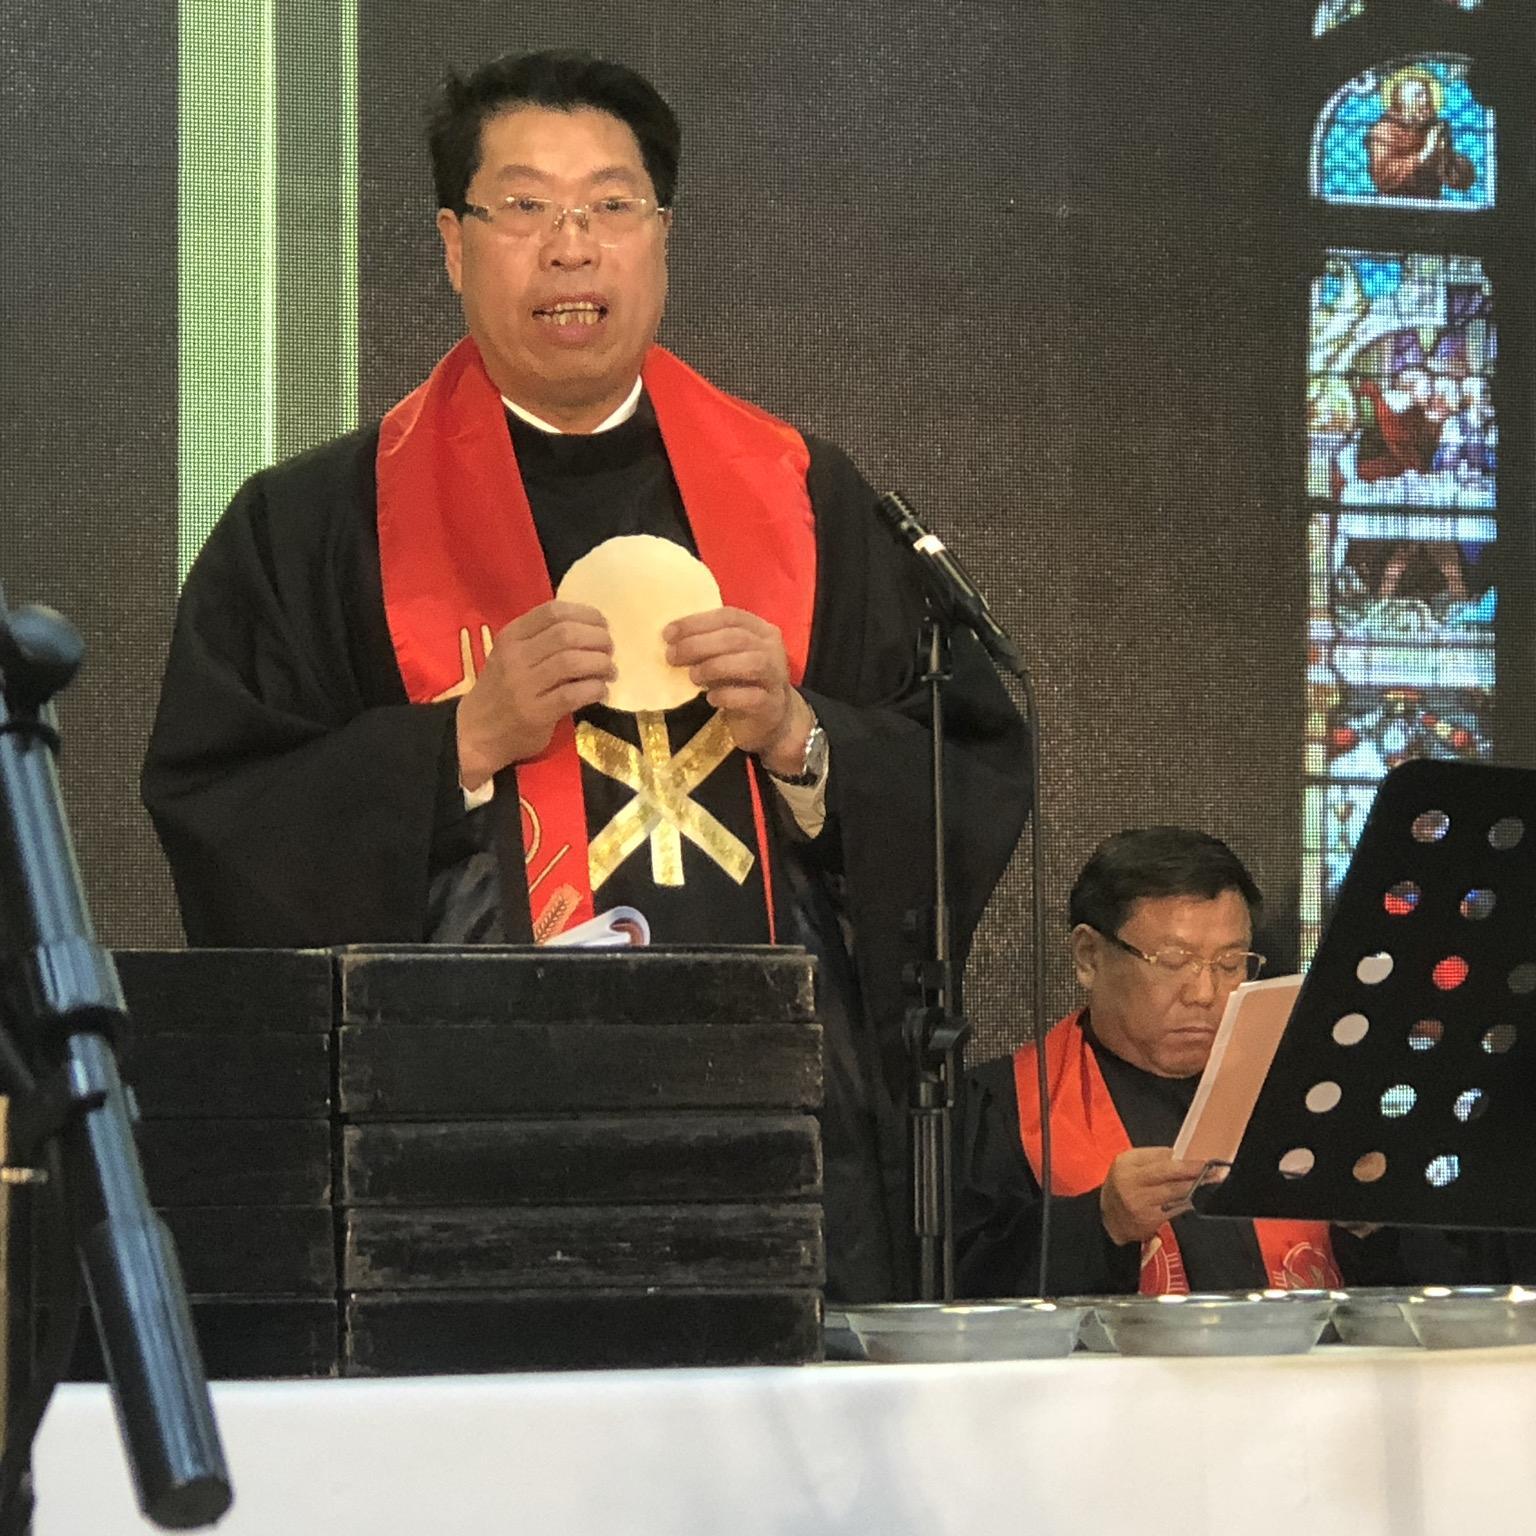 Rev. Zhang